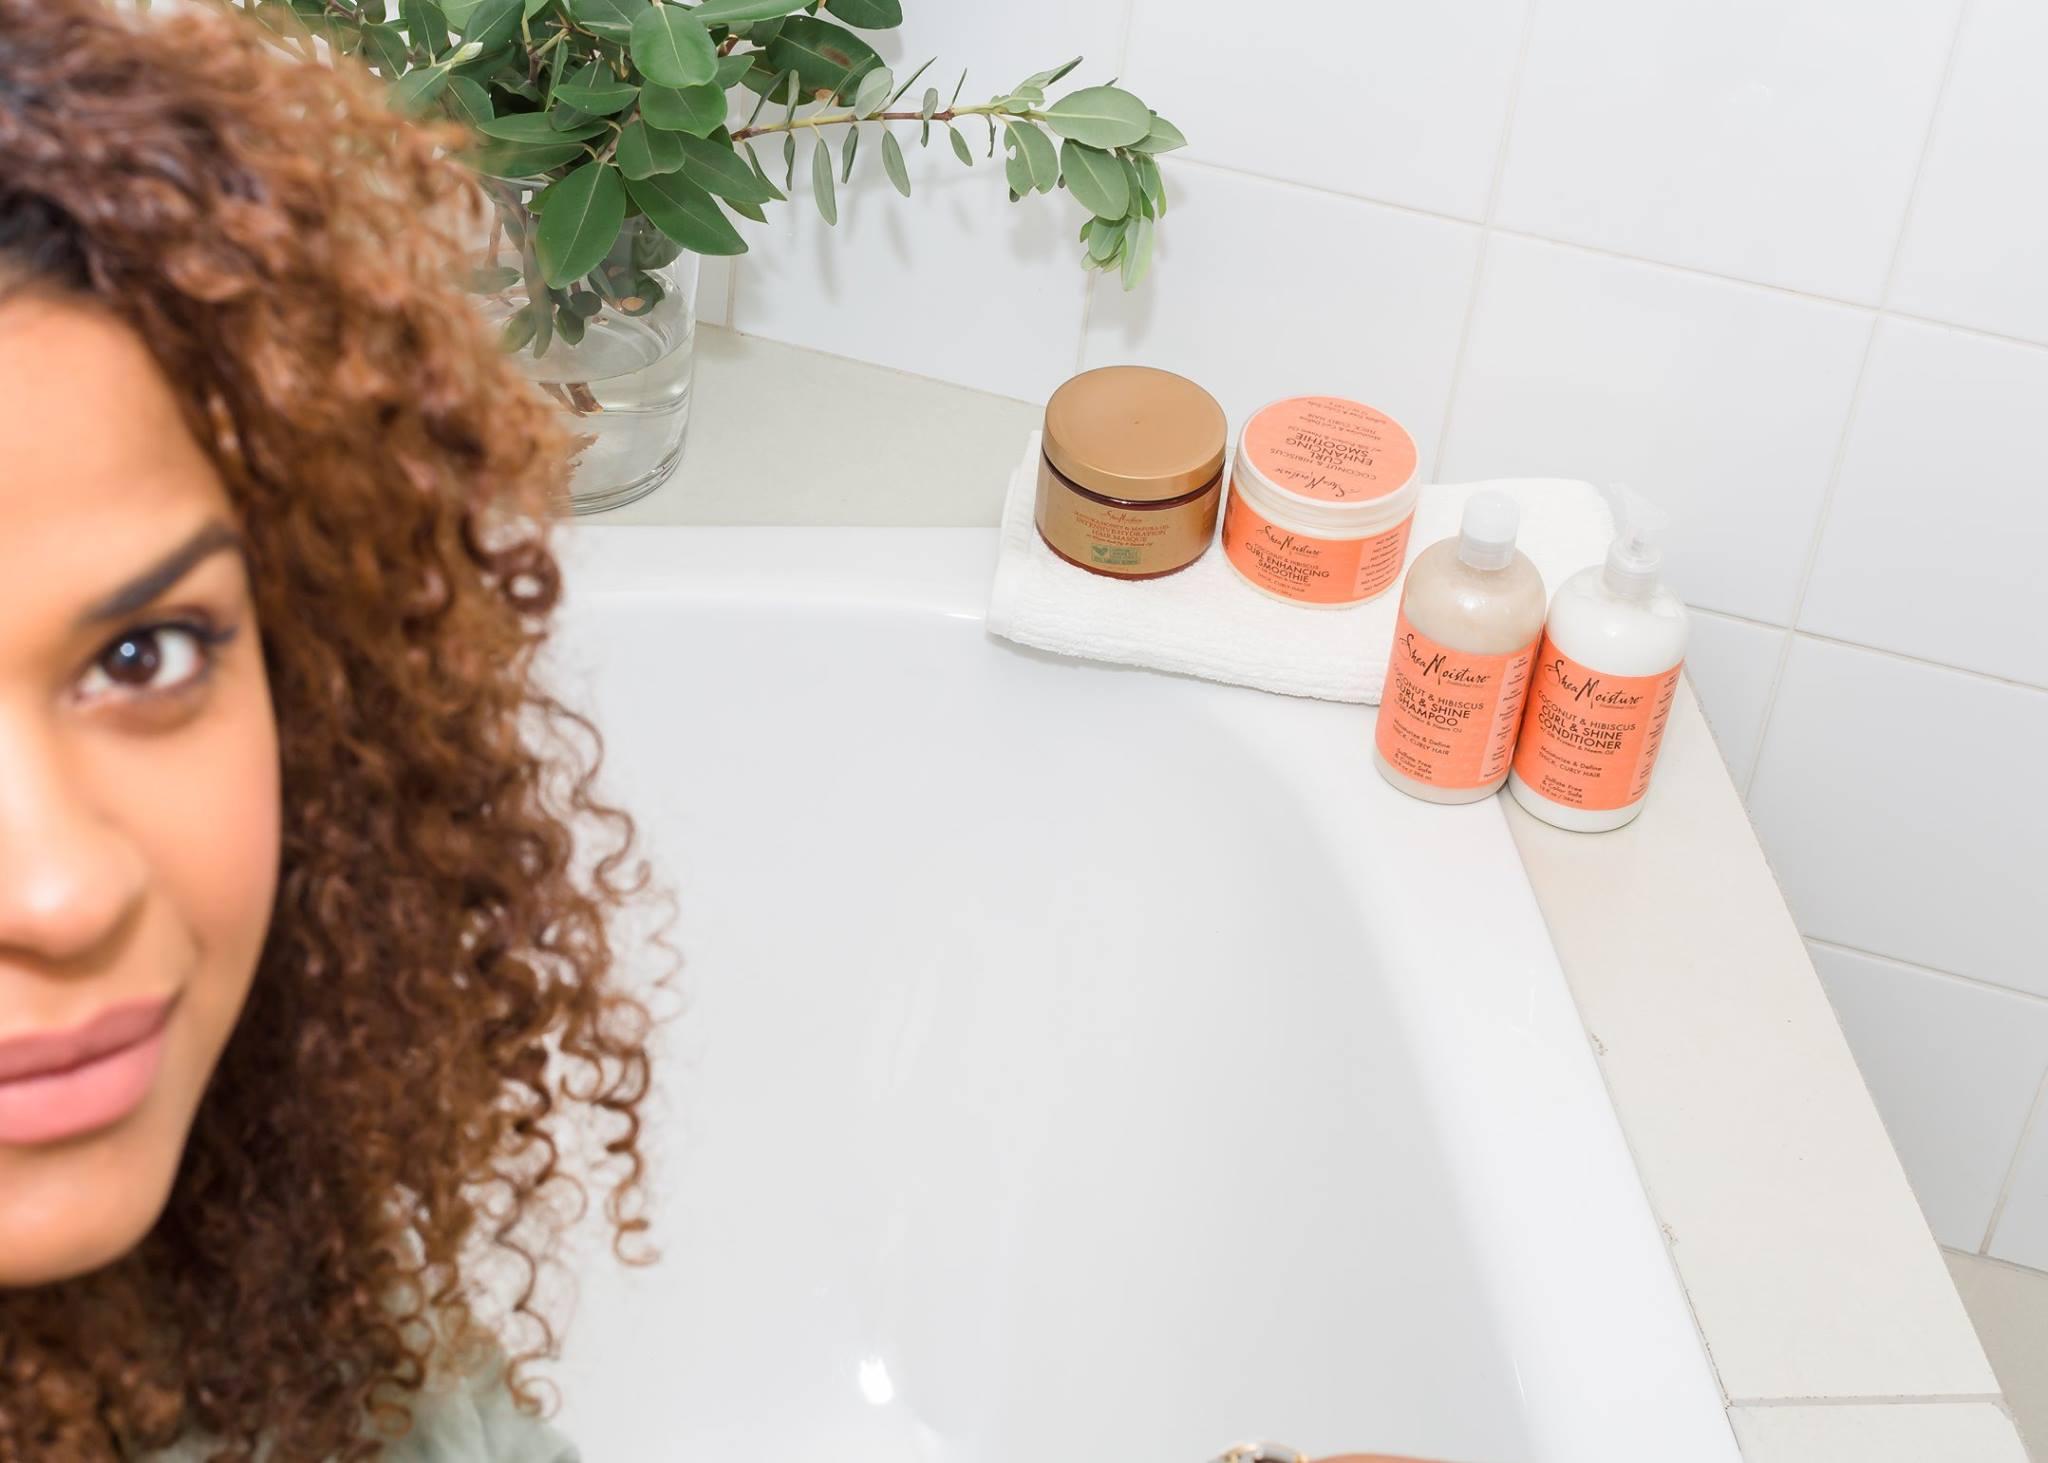 Naturally curly Victoria Latu shea moisture